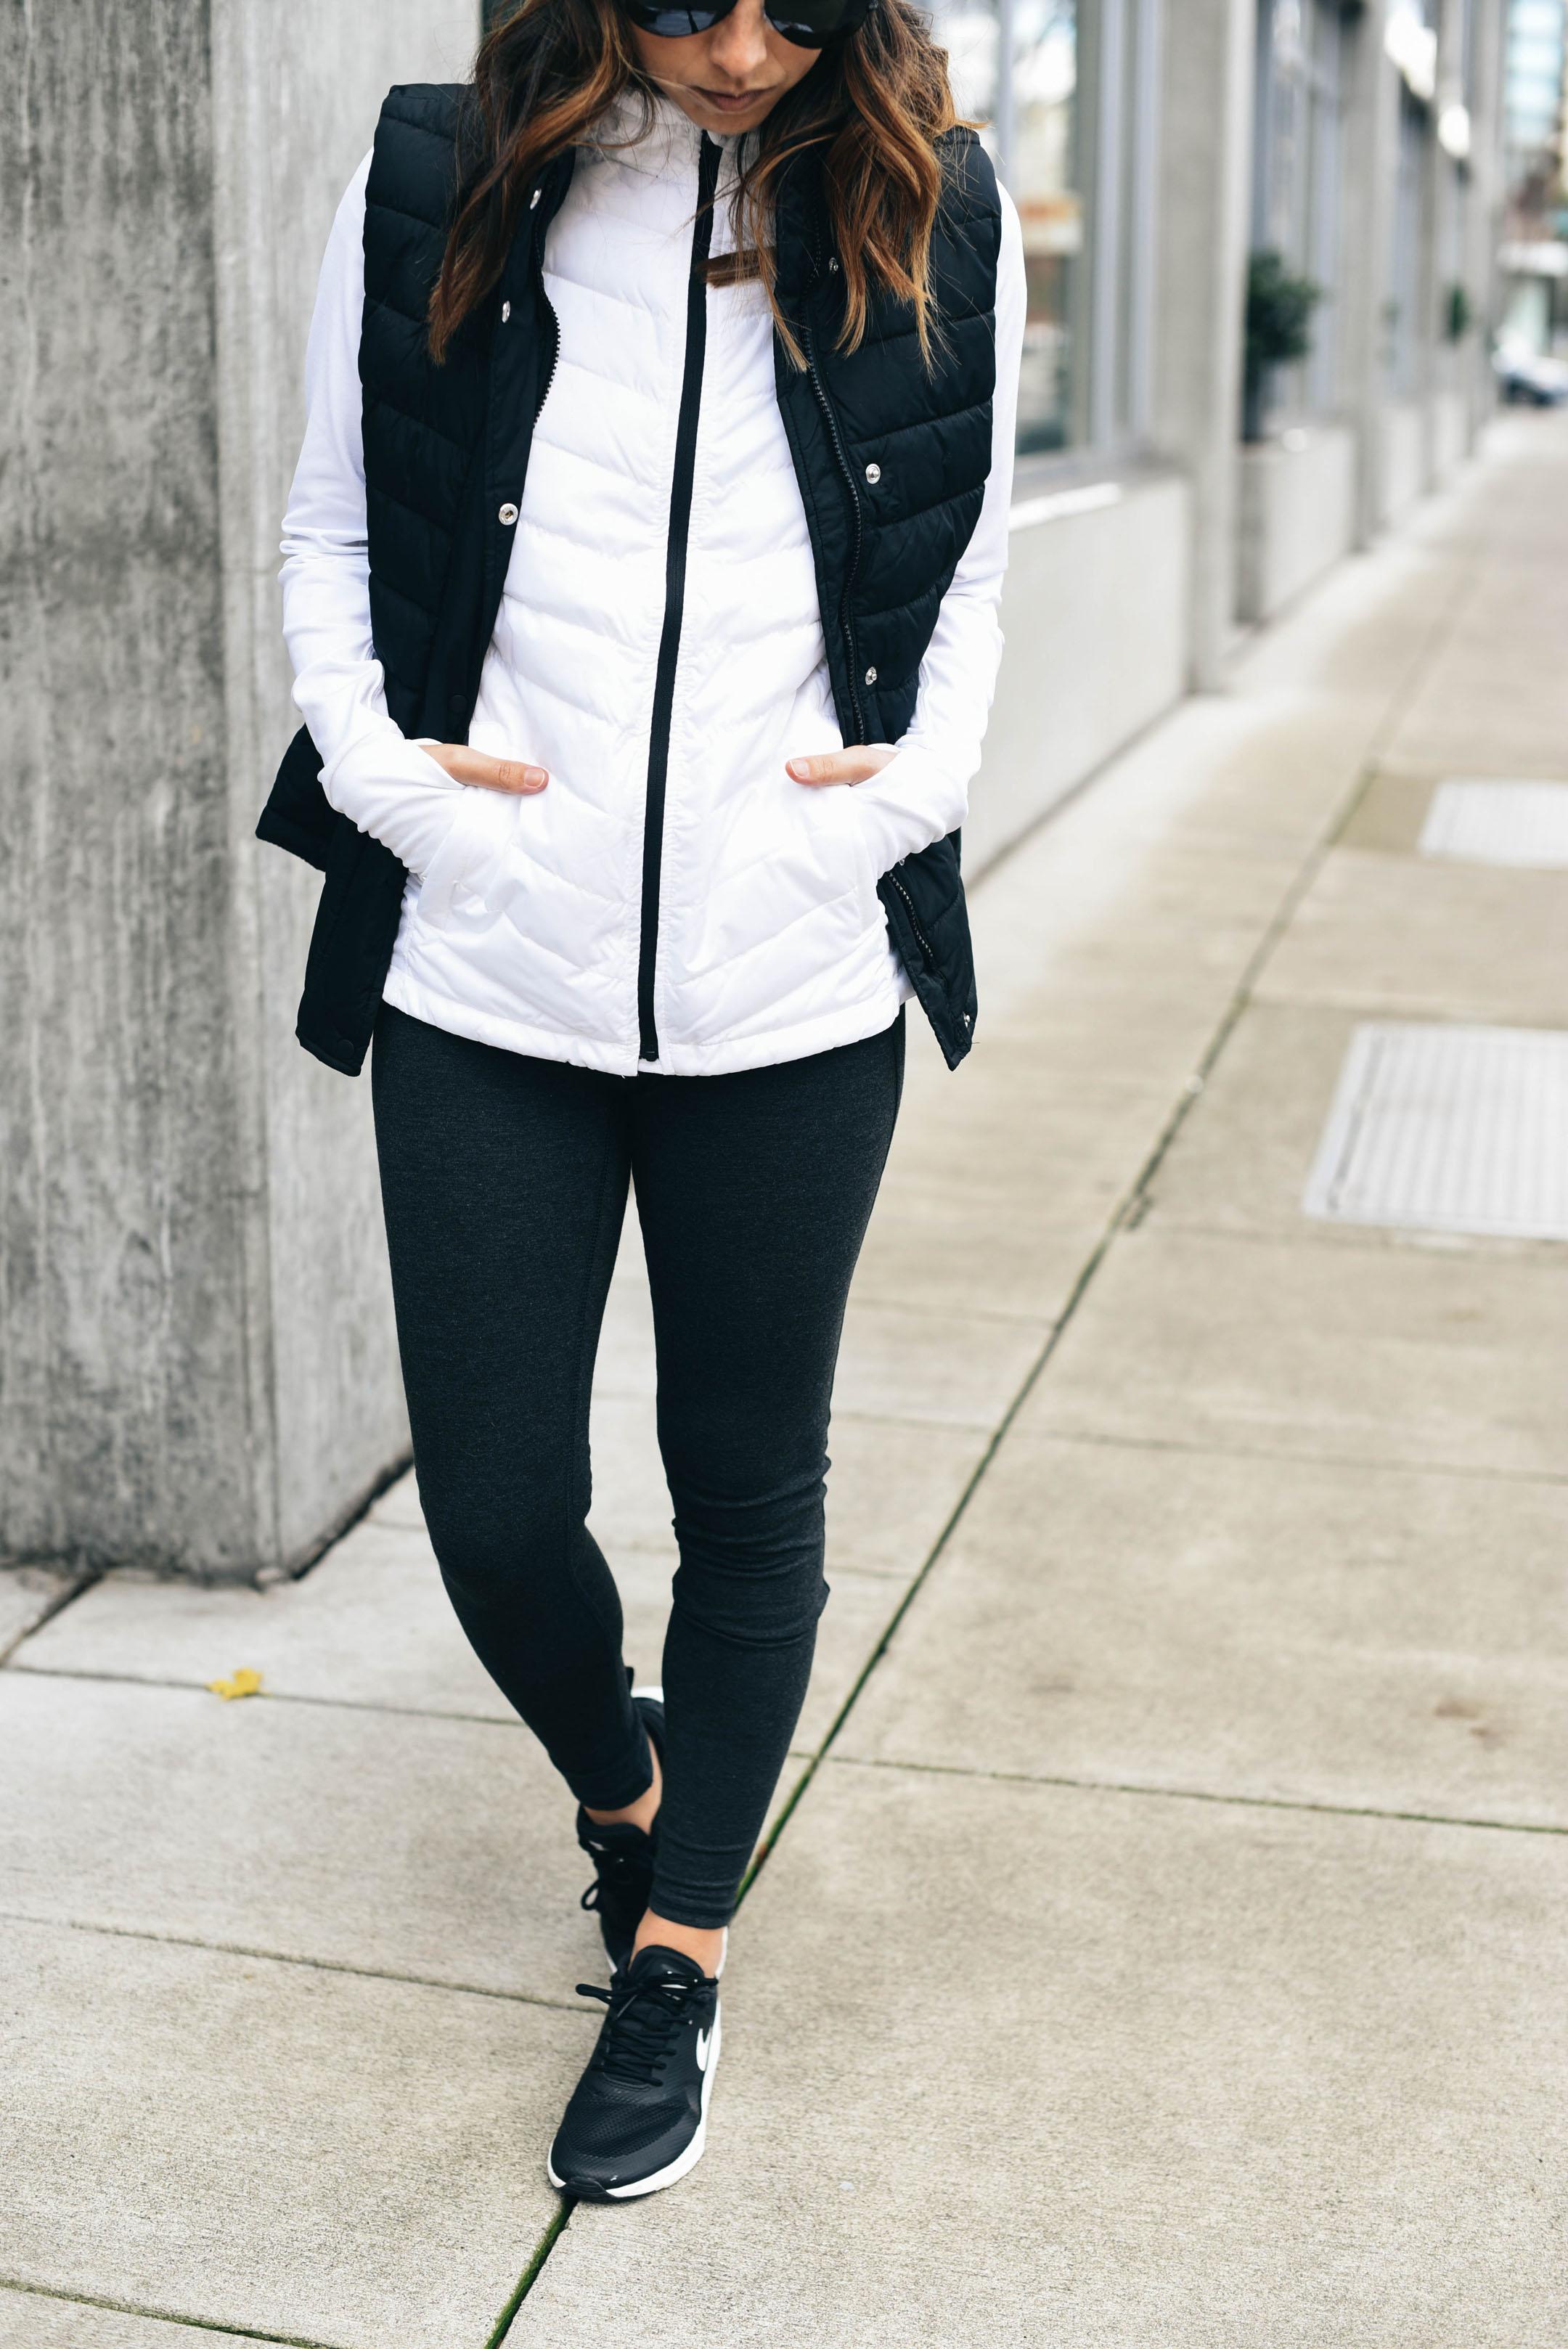 gap-fit-gray-leggings